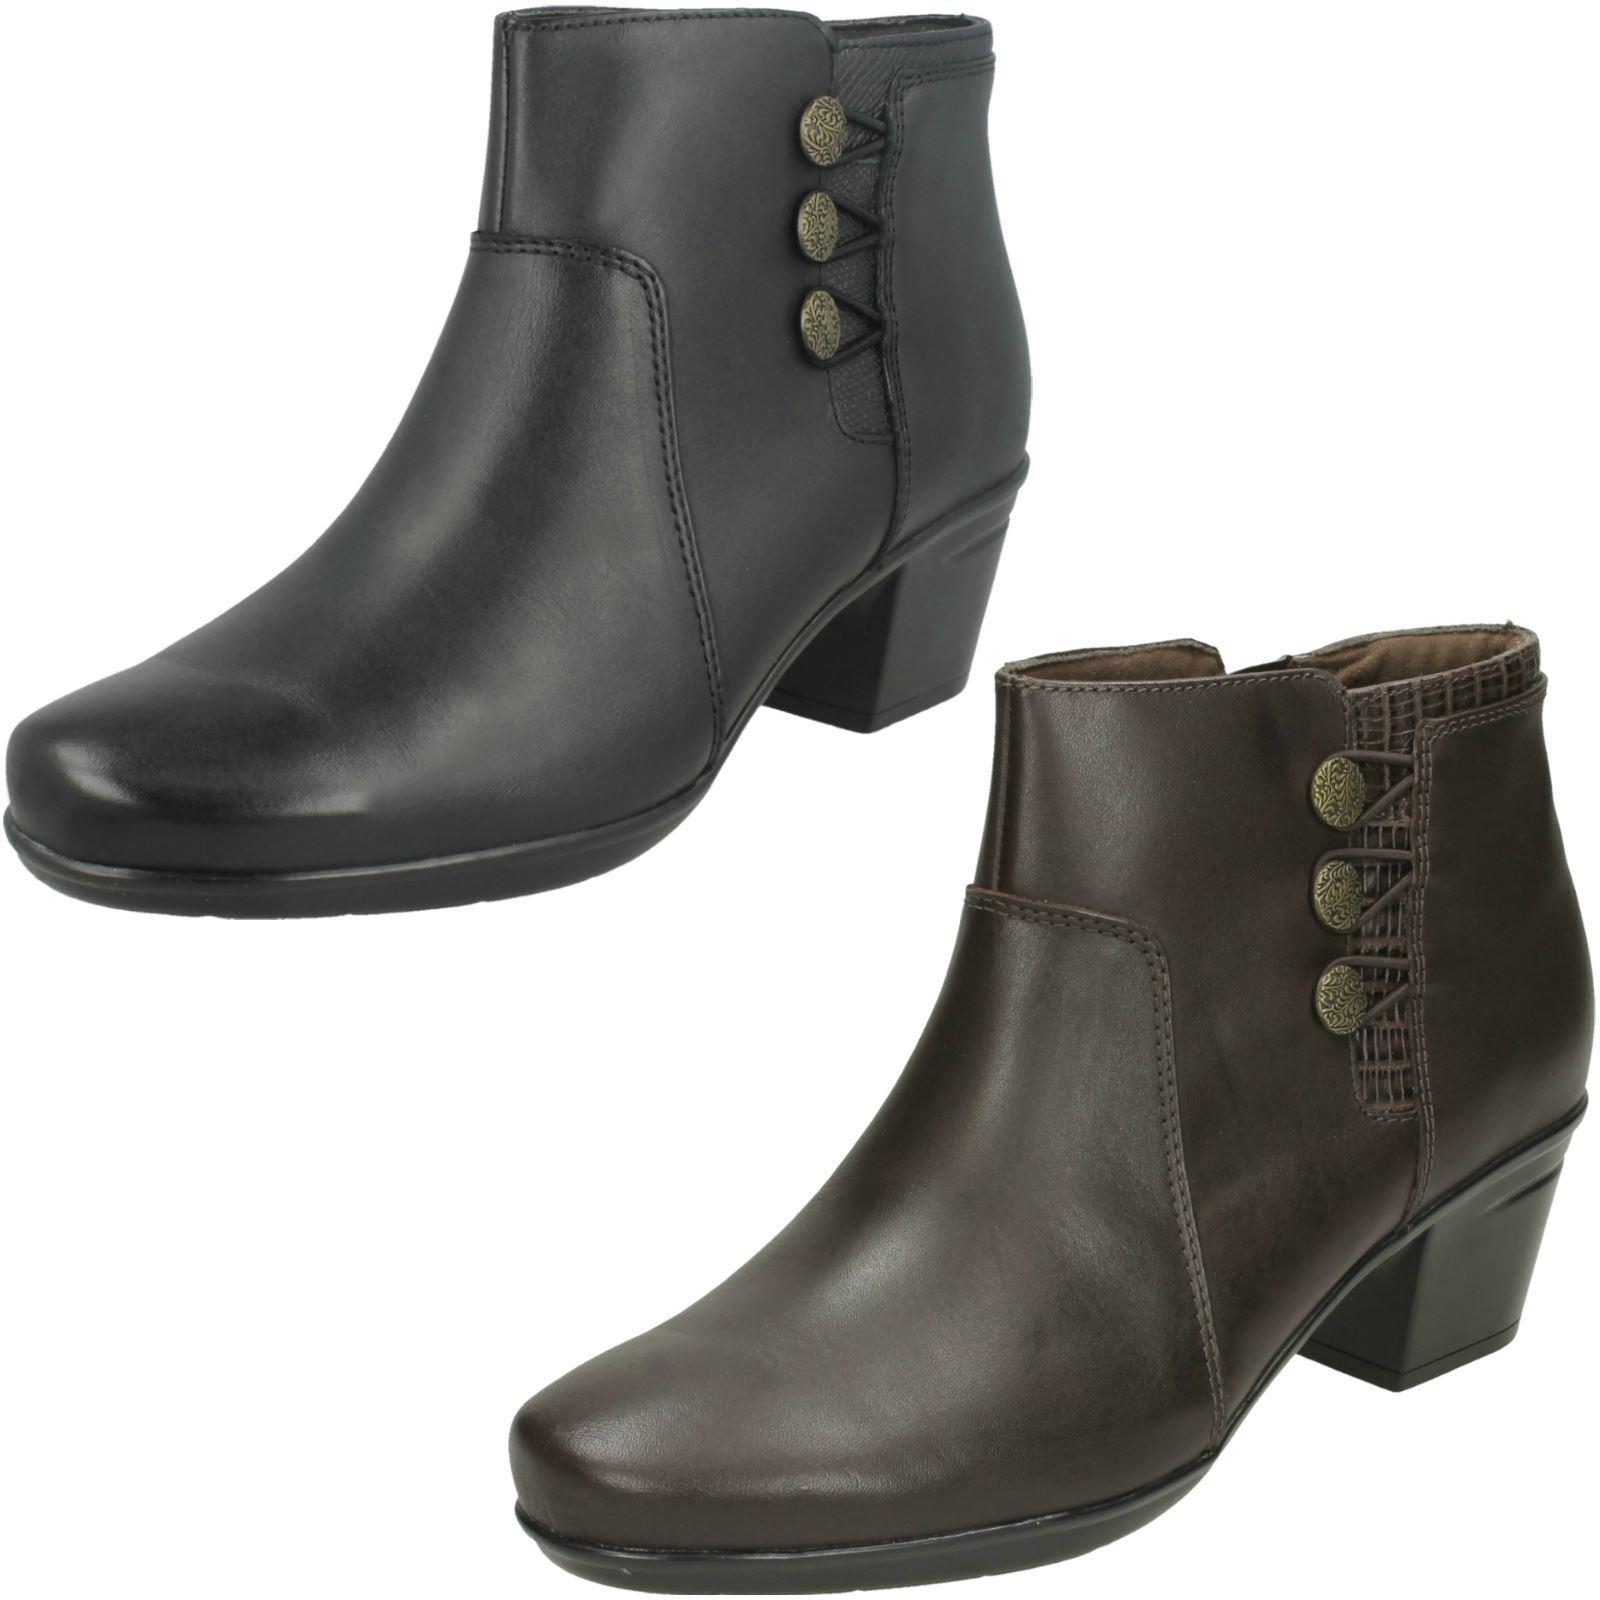 Clarks Ladies Ankle Boots Emslie Monet